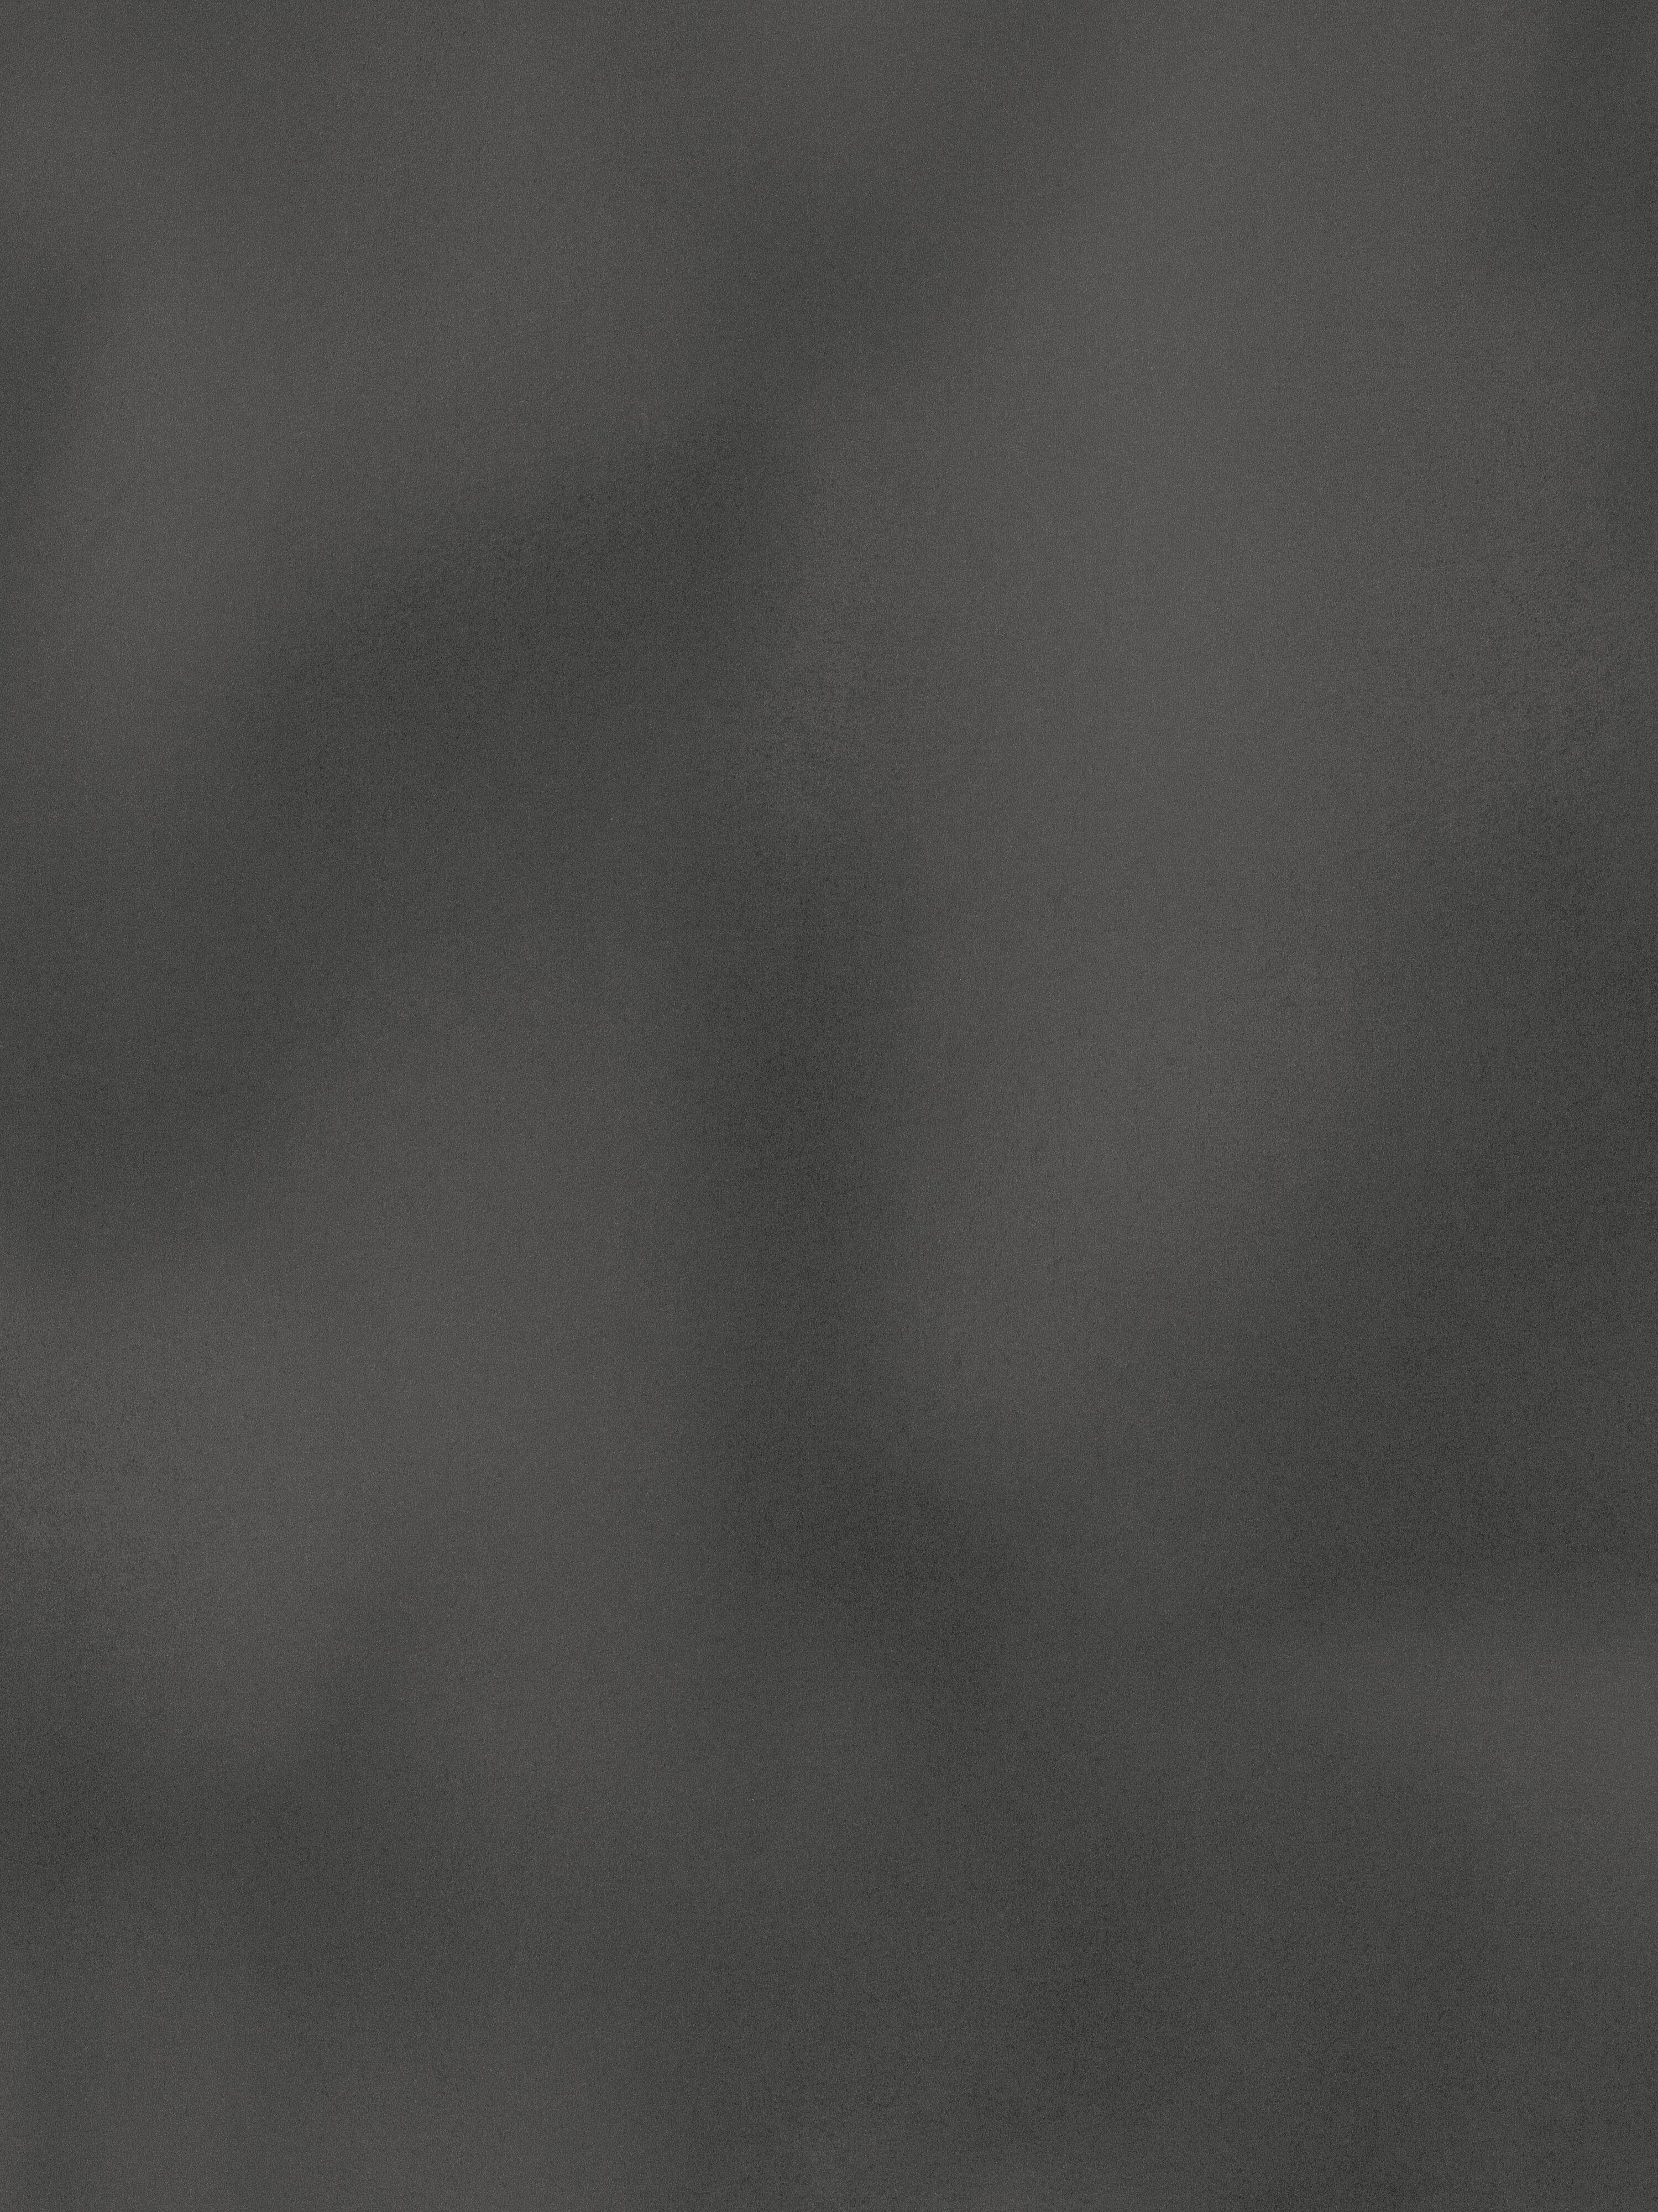 Decoratief plaatmateriaal donkergrijs detail scan